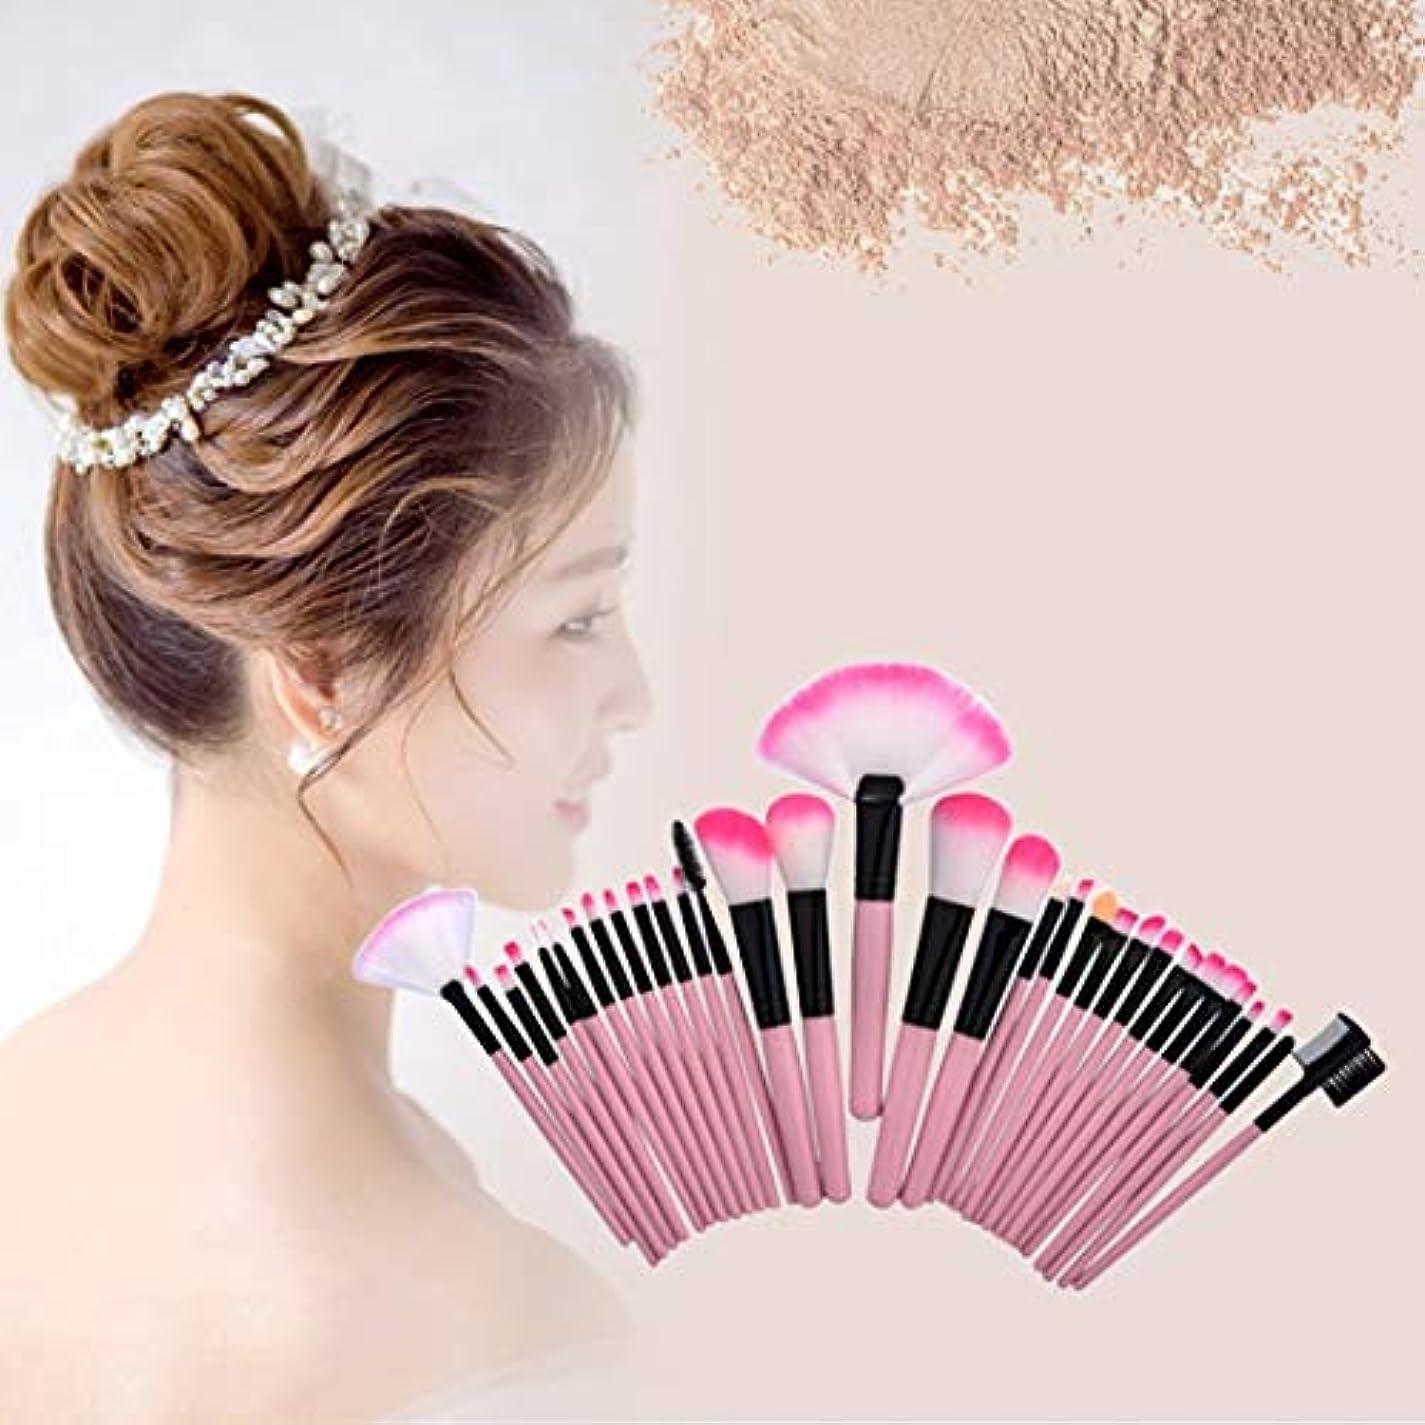 正しくはぁドームMEI1JIA 1個のウッドハンドルメイクブラシ化粧用ファンデーションクリームパウダーブラッシュメイクアップツールセットでQUELLIA 32(ブラック) (色 : ピンク)